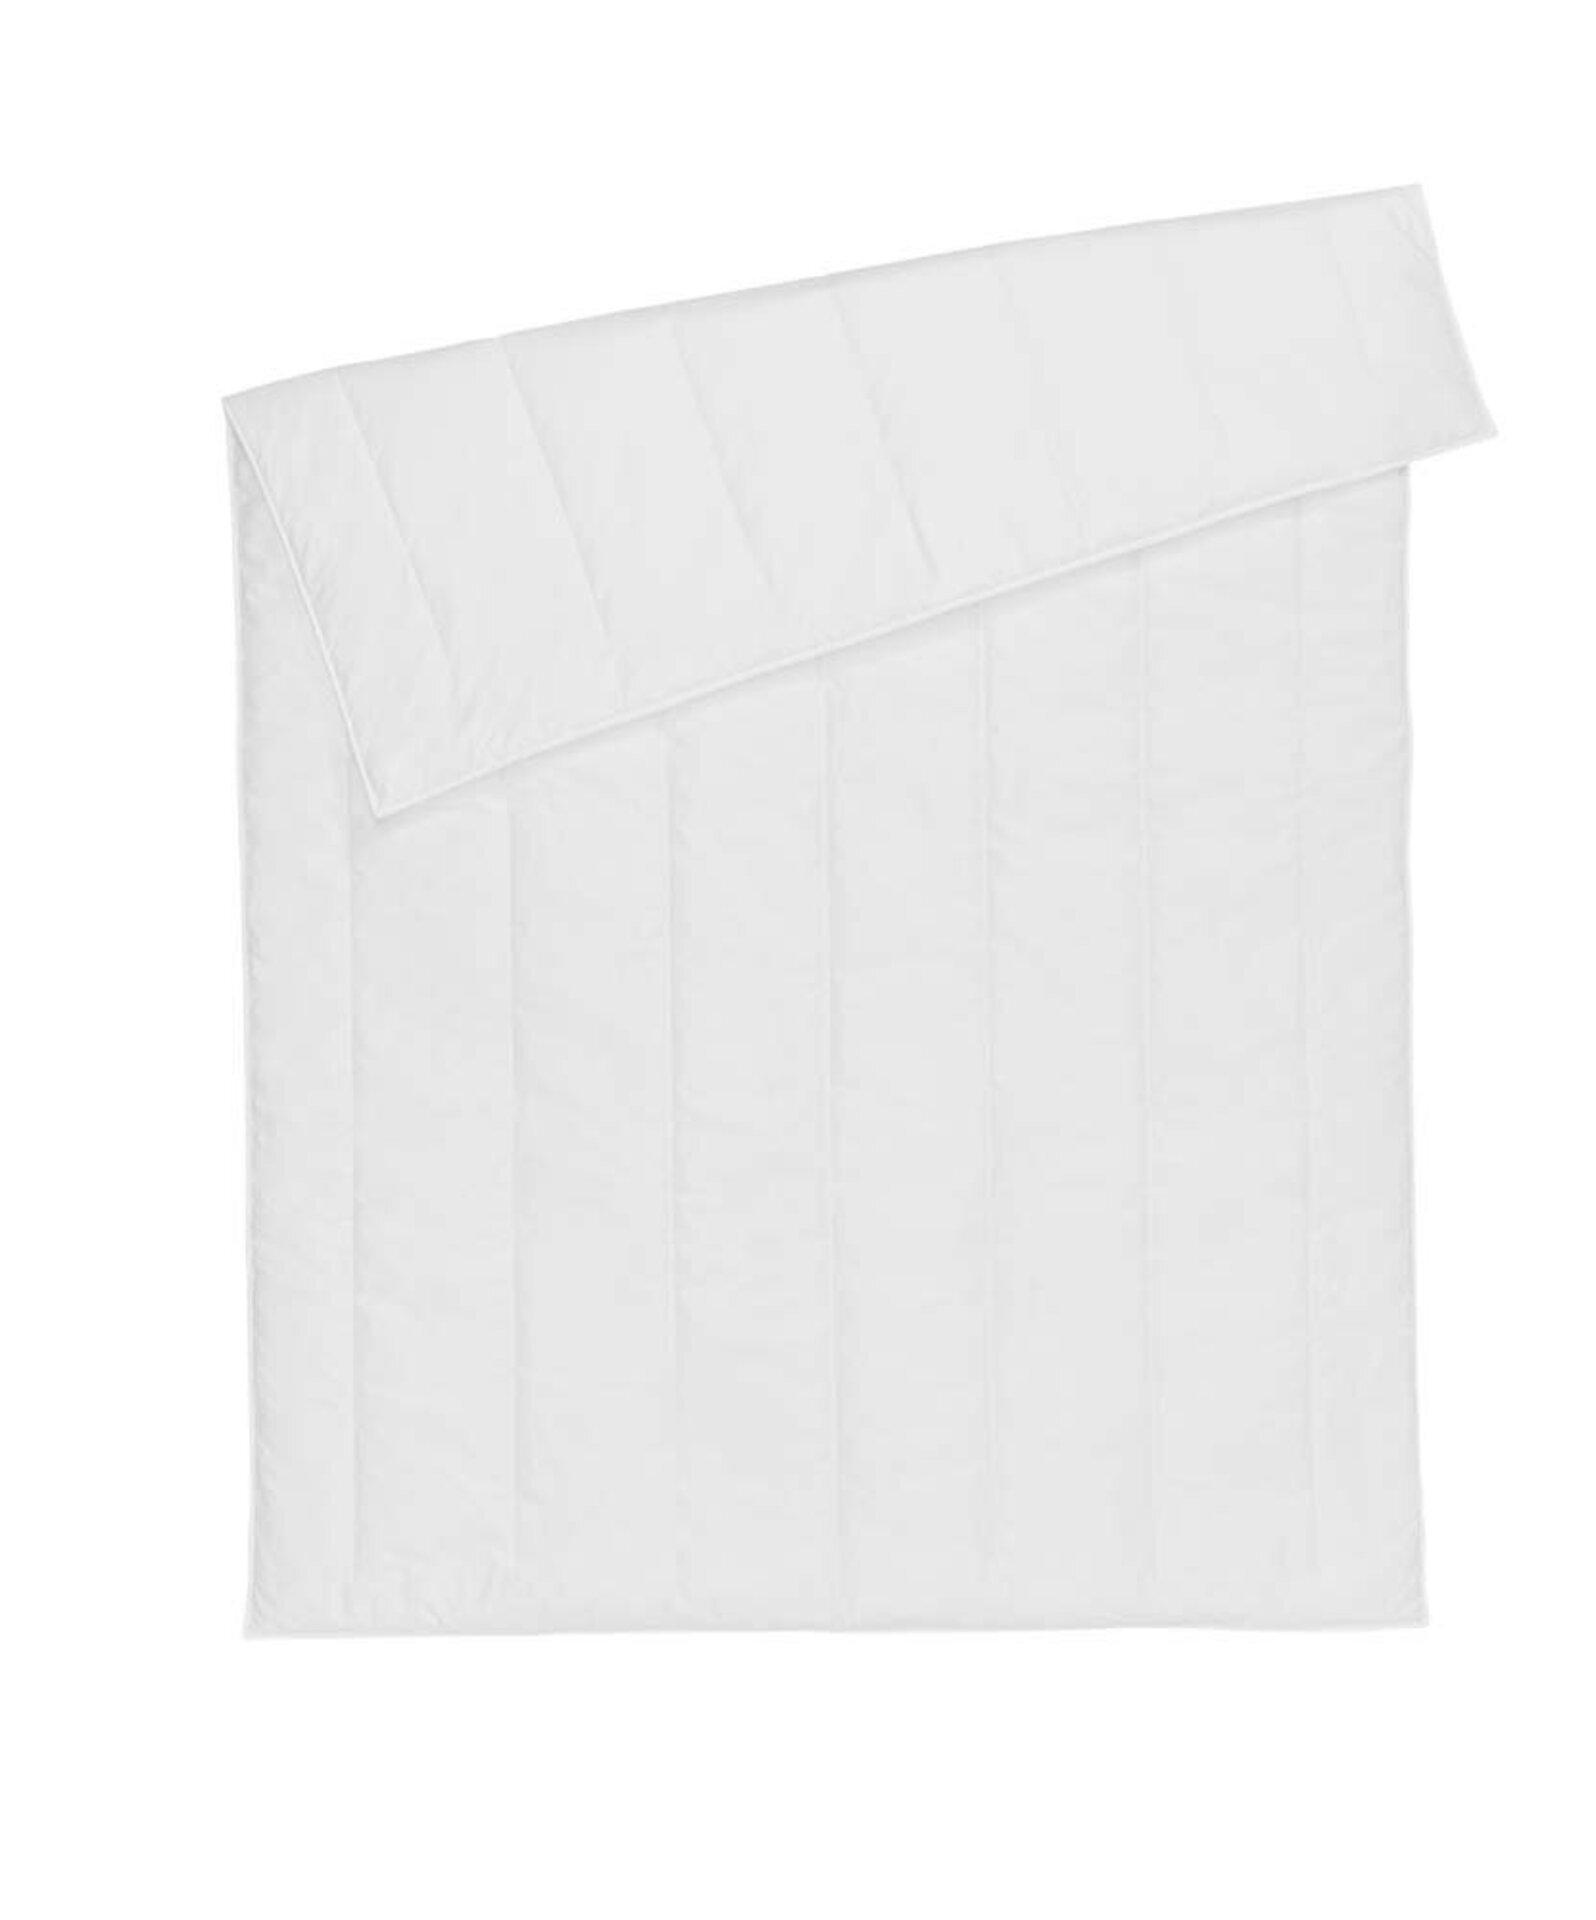 Ganzjahresdecke ALLERGO Protect Duo-Leicht Centa-Star Textil 135 x 200 cm